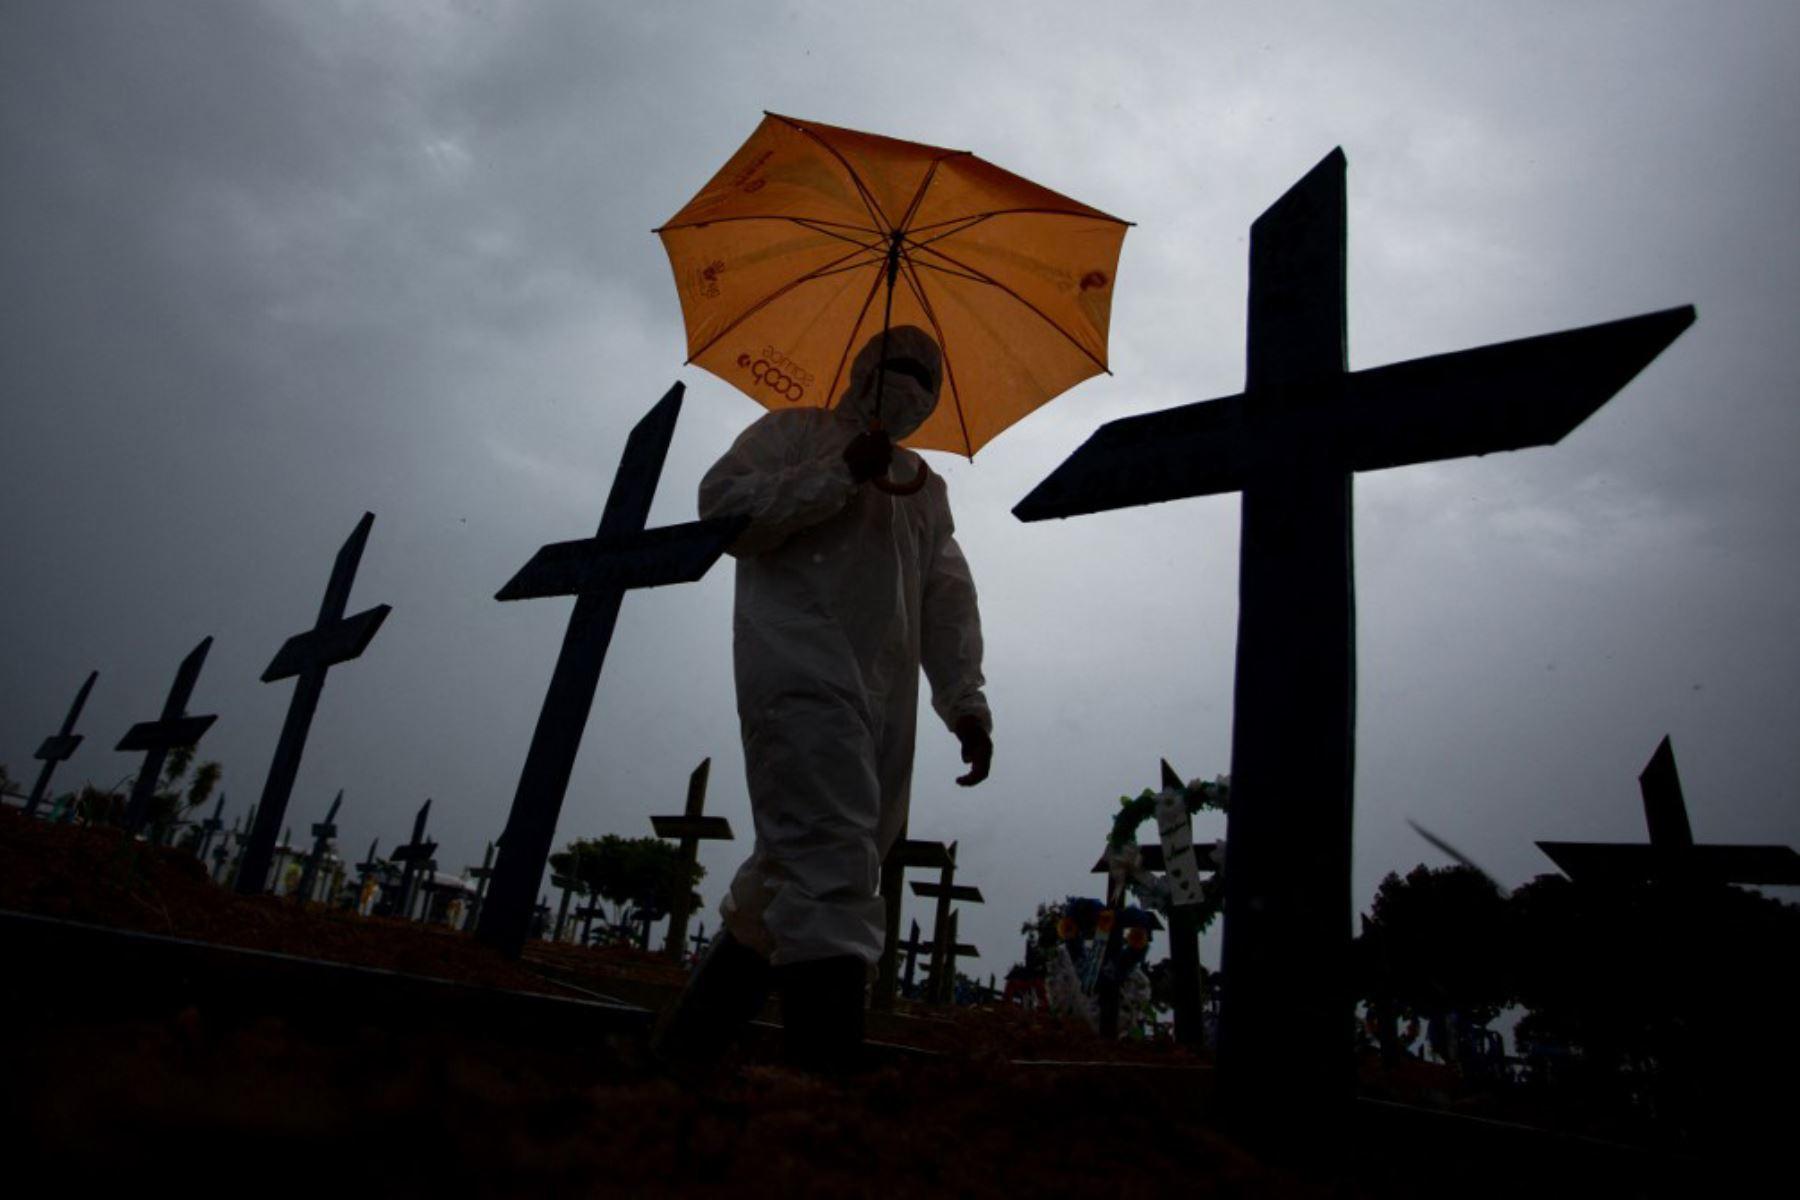 Un trabajador vestido con un traje protector y portando un paraguas pasa junto a las tumbas de las víctimas del covid-19 en el cementerio Nossa Senhora Aparecida, en Manaus, Brasil. Foto: AFP